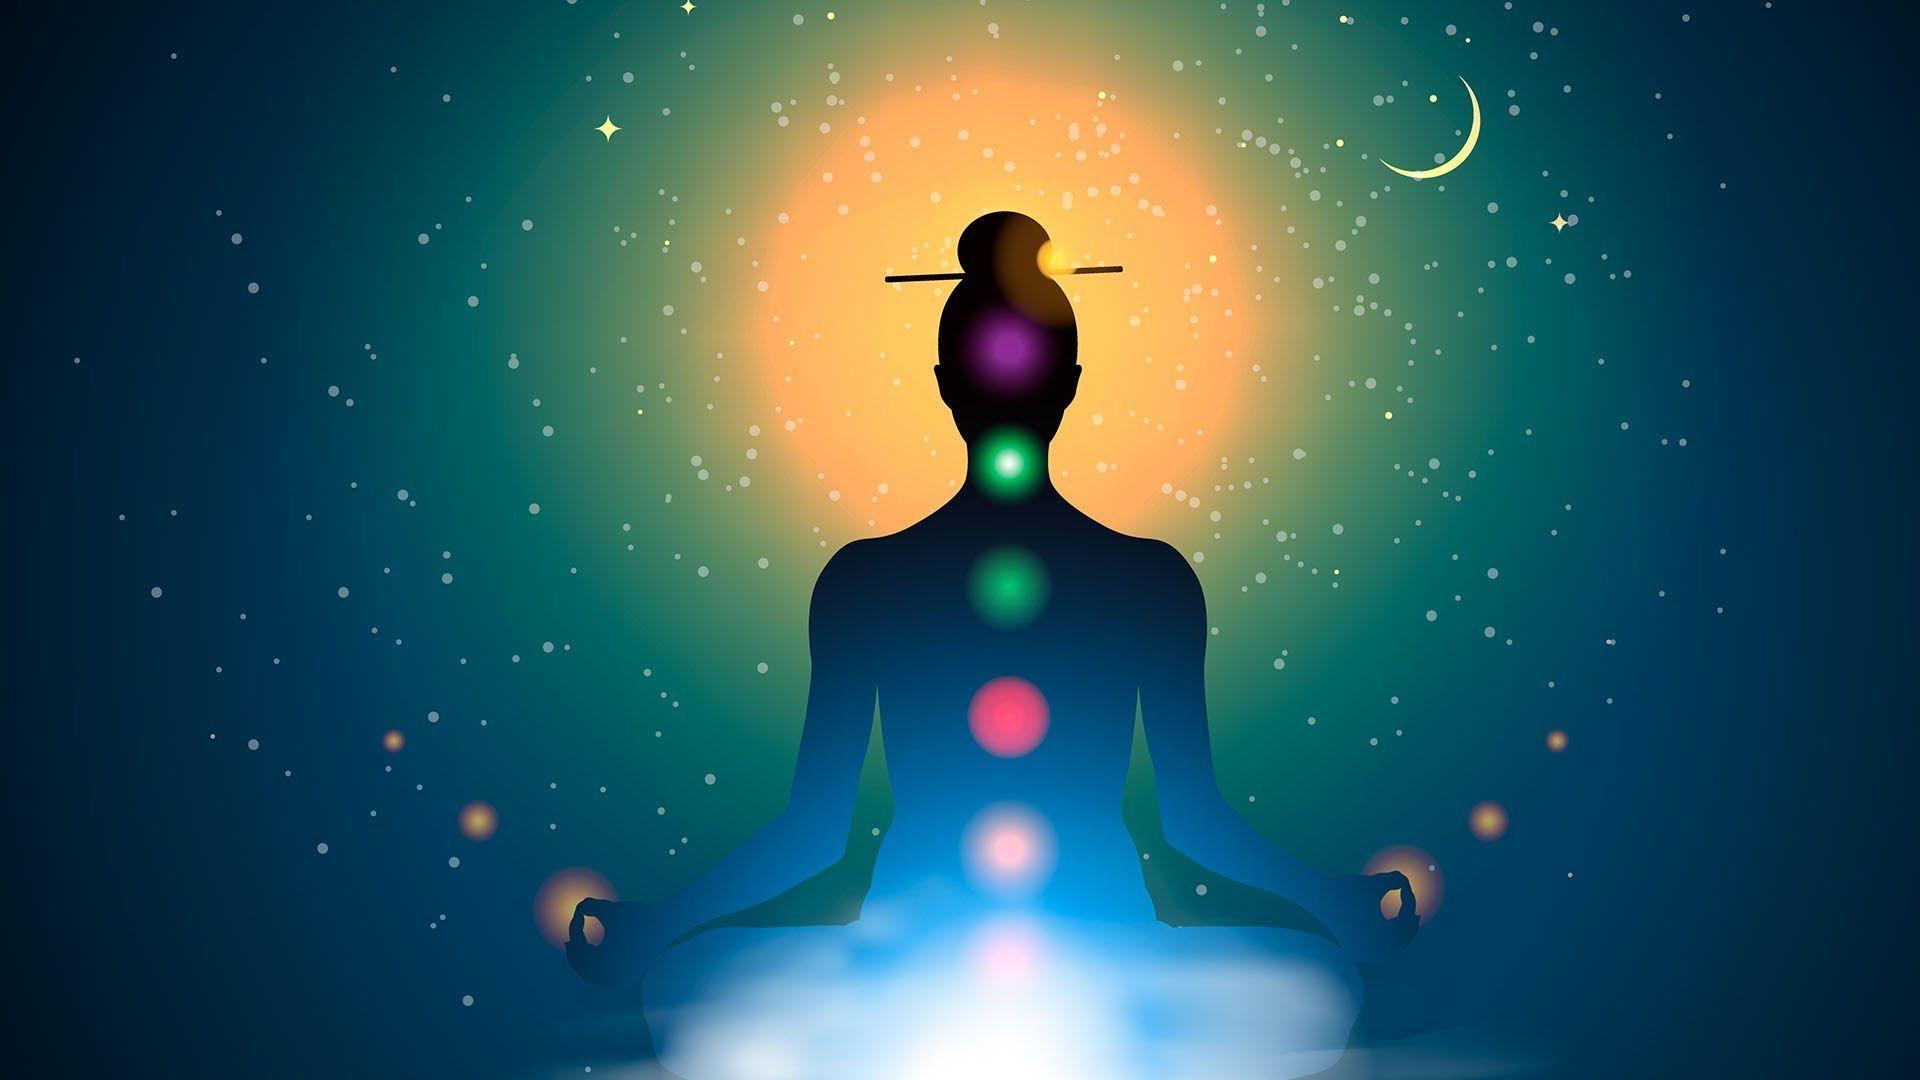 Sleep Appreciation Meditation